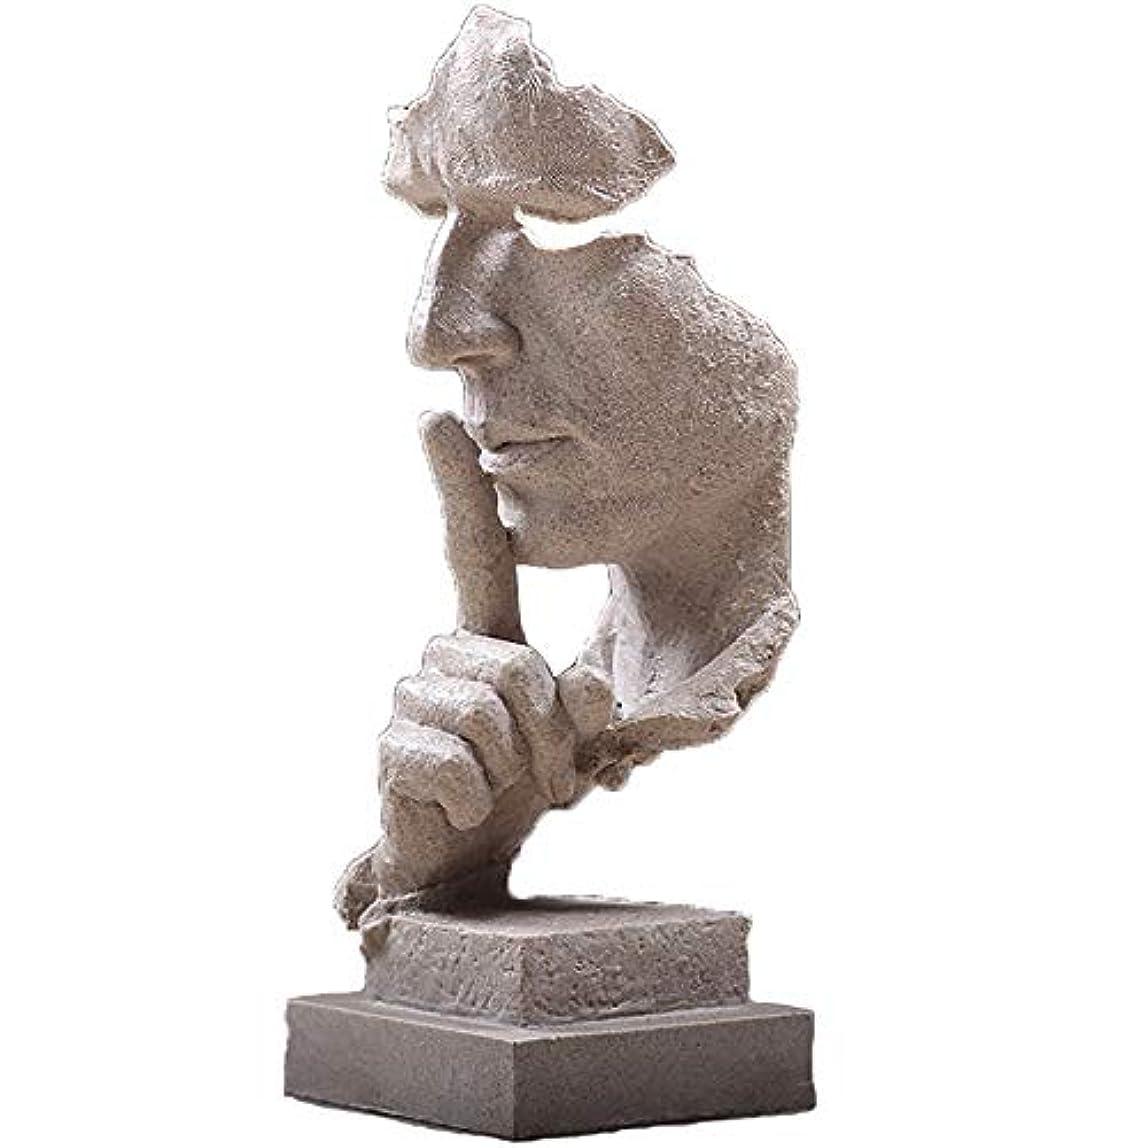 不適切なガイダンスミケランジェロ樹脂抽象彫刻沈黙はゴールデン男性像キャラクター工芸品装飾用オフィスリビングルームアートワーク,White